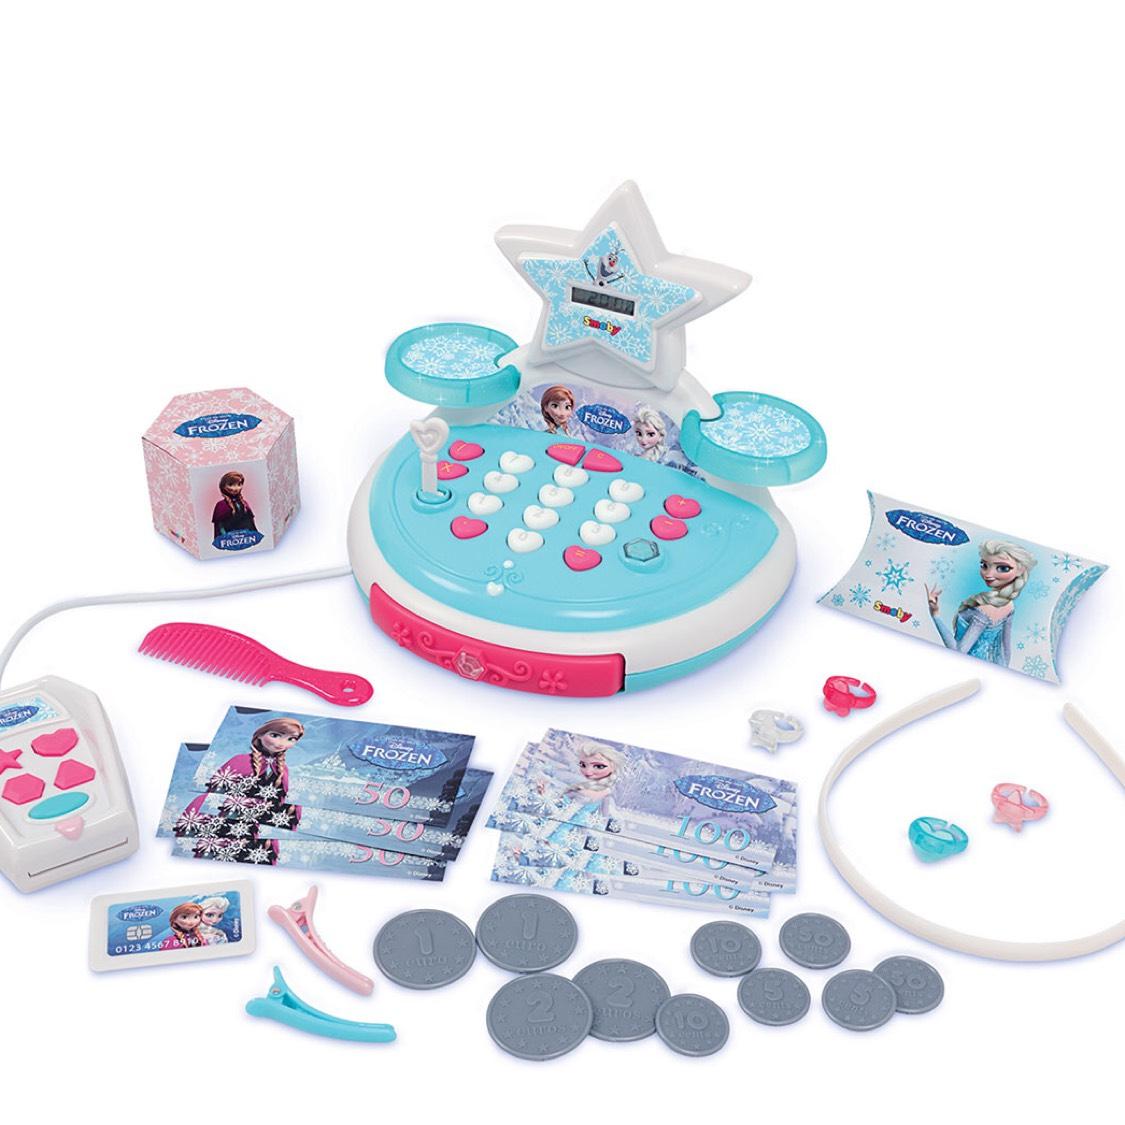 Smoby Disney Frozen Kassa van €35 voor €15